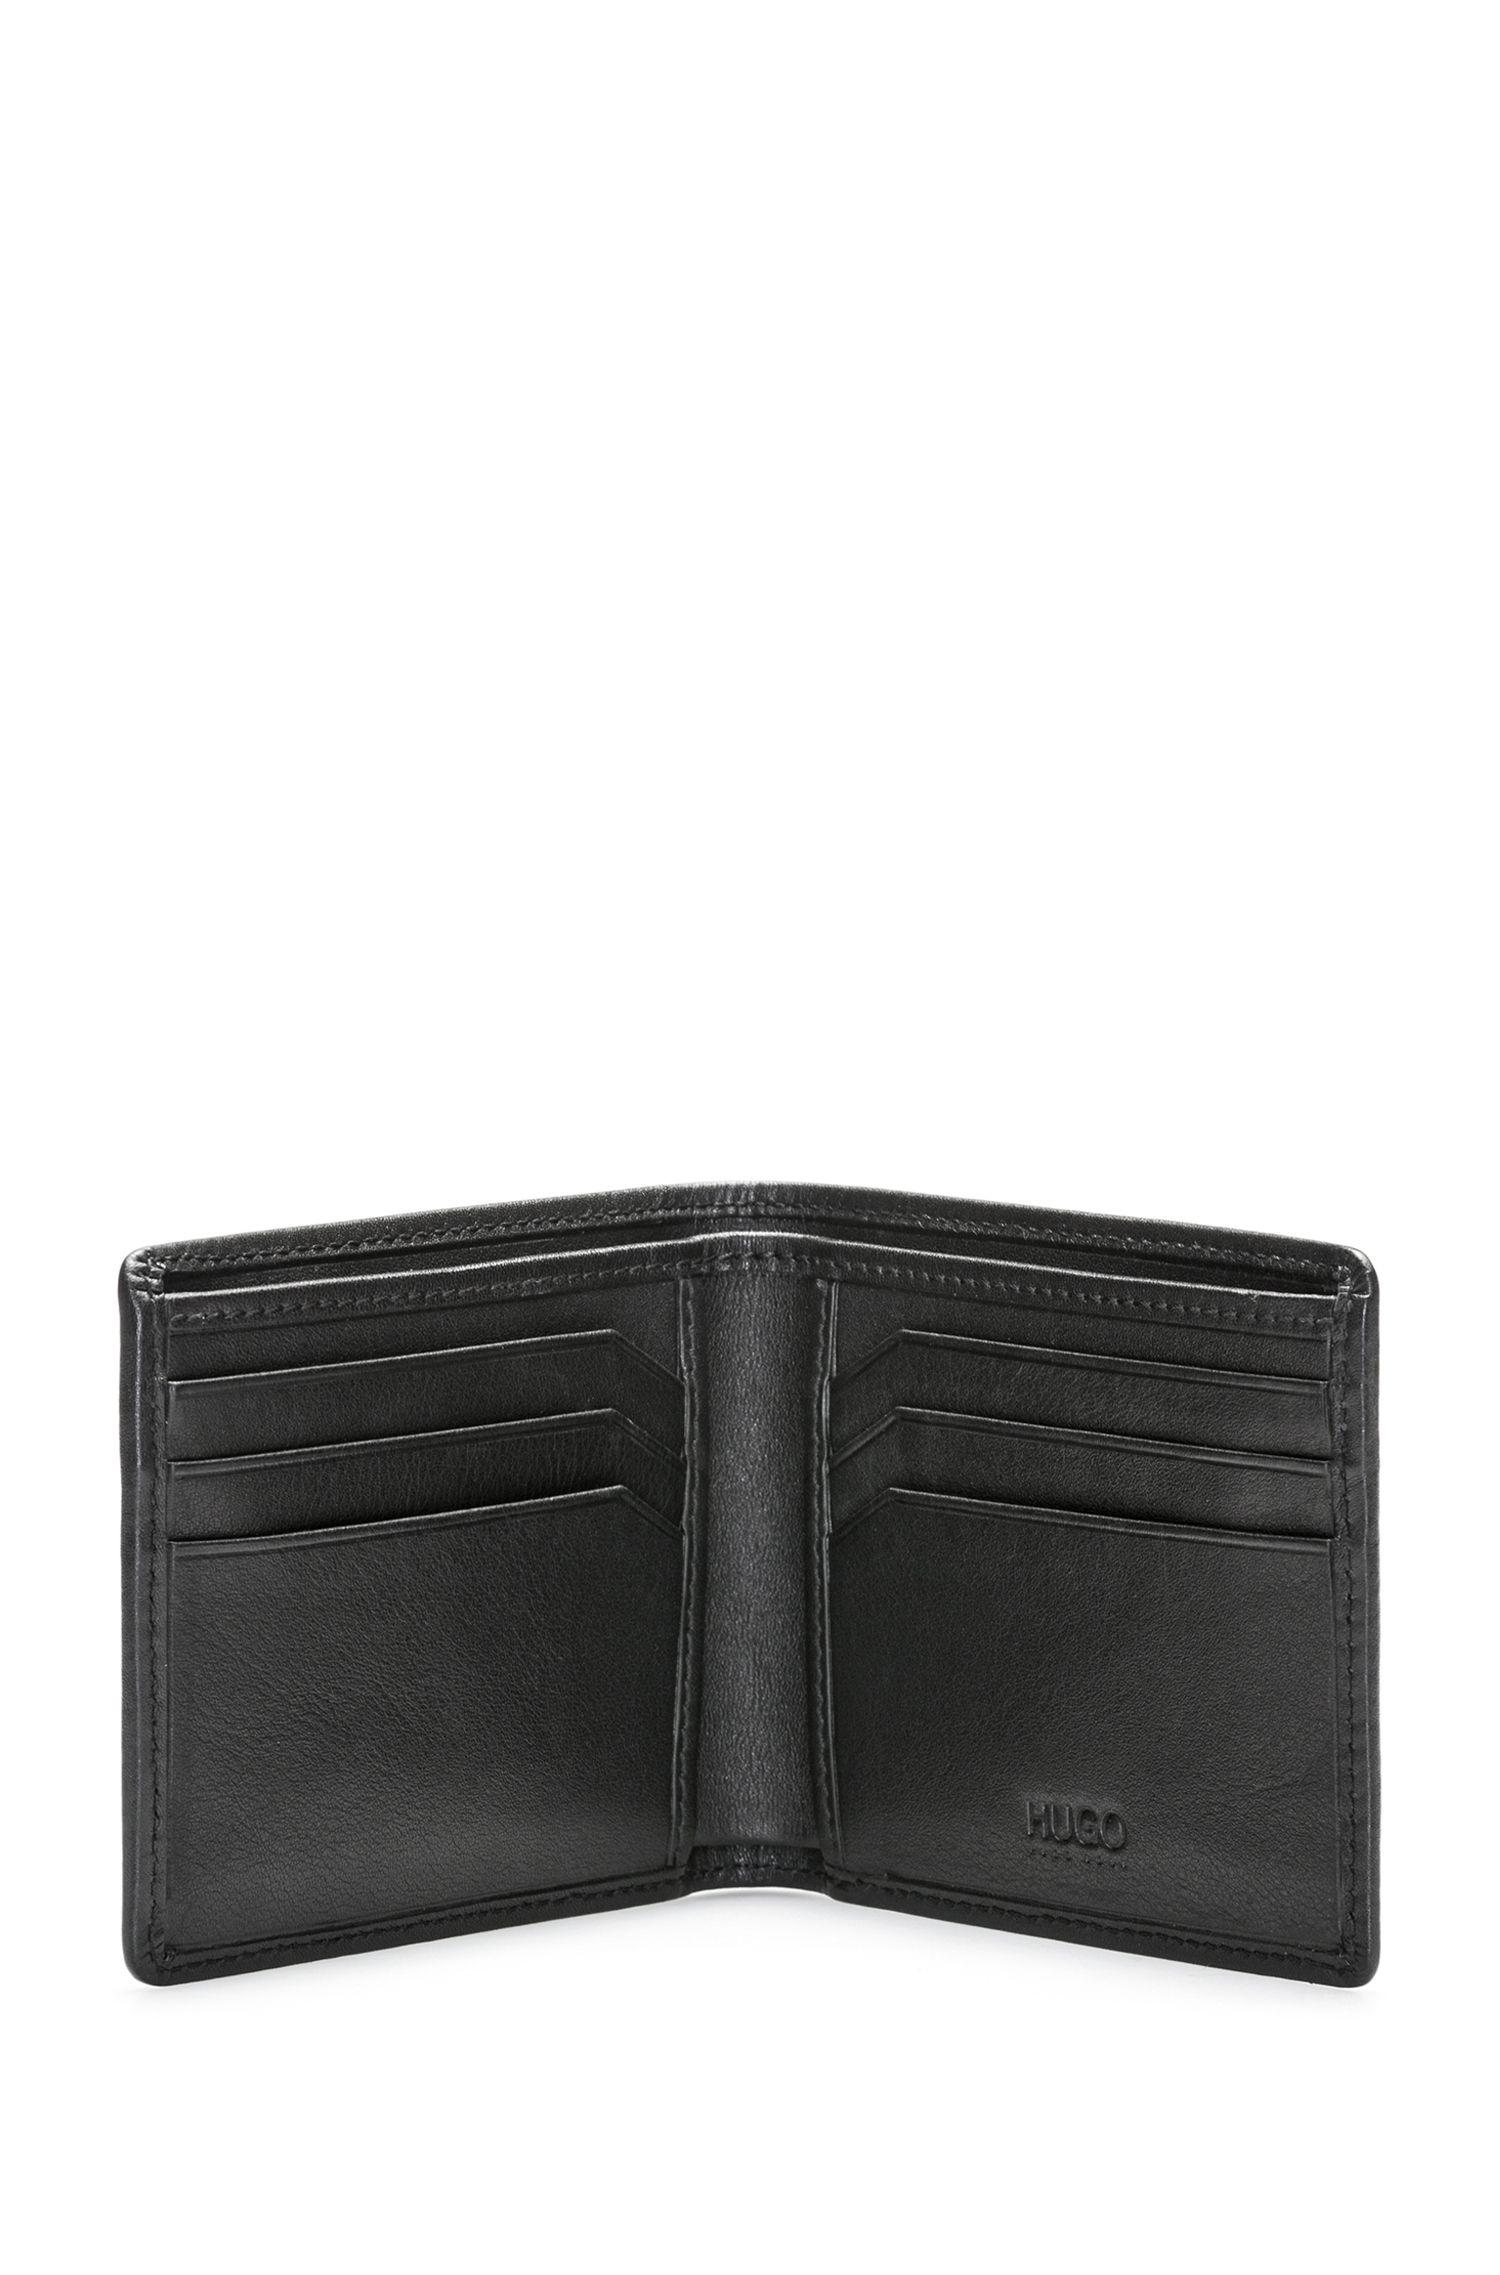 Portefeuille pliable avec logo inversé à l'imprimé soyeux 1XfraK